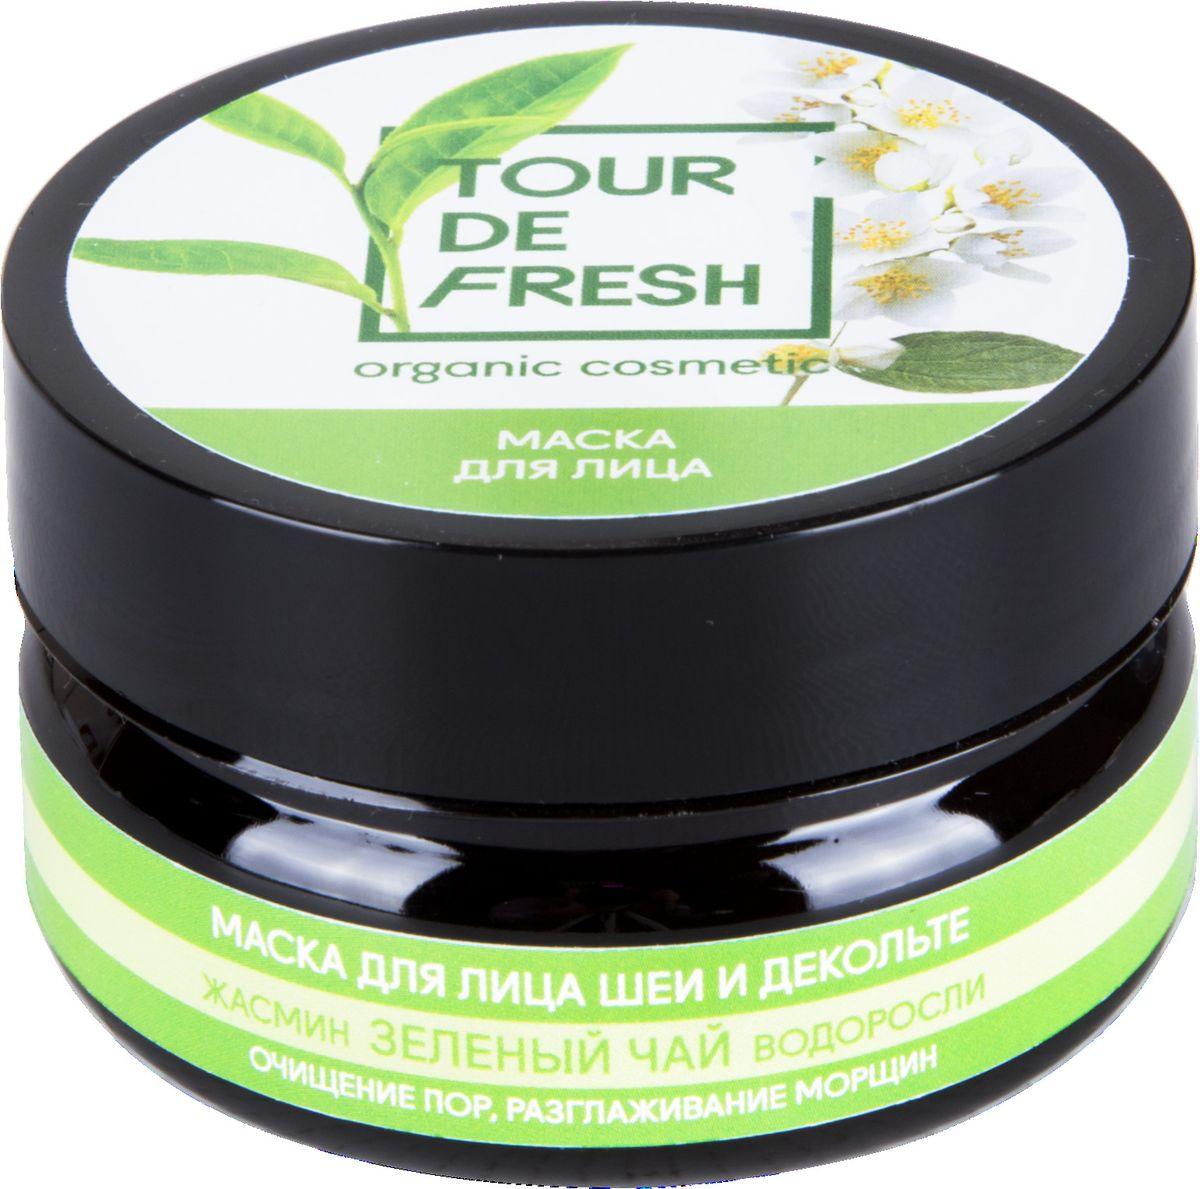 Tour De Fresh Маска для лица, шеи и декольте Зеленый чай, жасмин и водоросли, 60 млУФ000000008Маска предназначена для борьбы с первыми признаками старения. Зеленый чай богат антиоксидантами и ускоряет процессы восстановления клеток. Экстракт морских водорослей тонизирует и подтягивает, разглаживая мелкие морщины. Масло жасмина глубоко питает и увлажняет кожу.